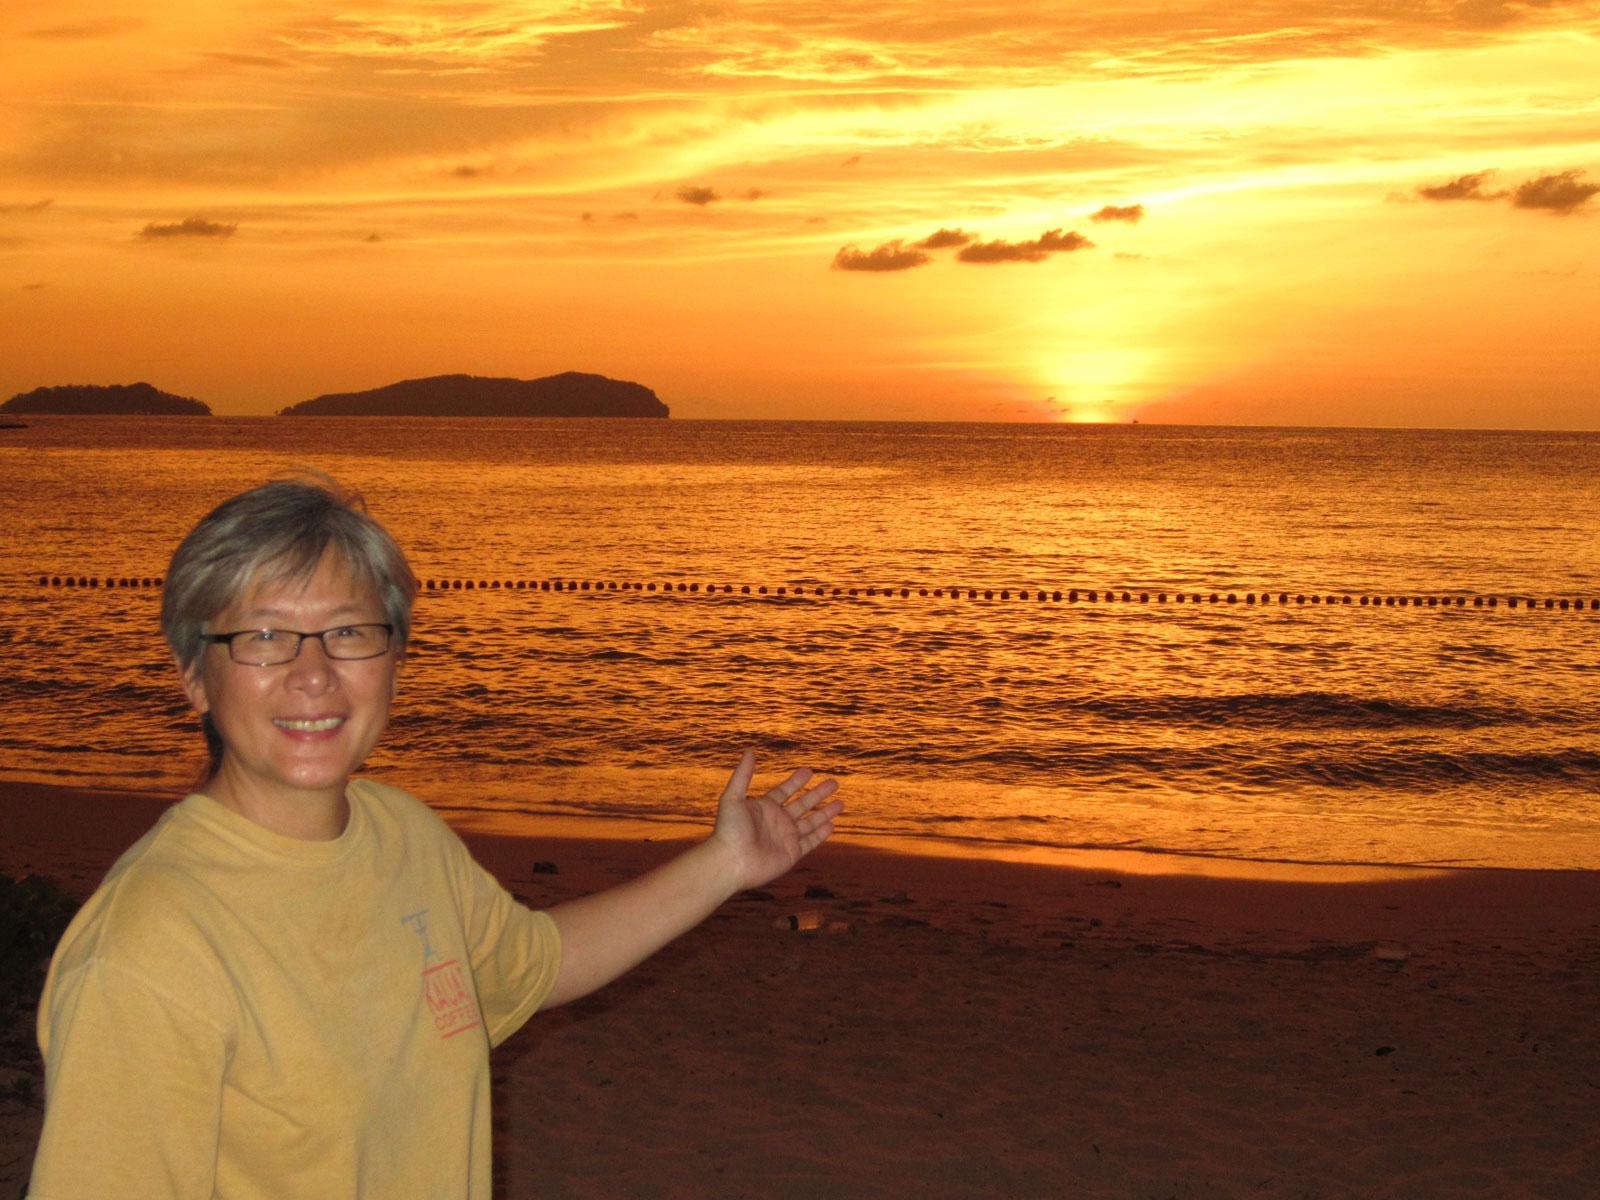 Welcome to Kota Kinabalu sunset